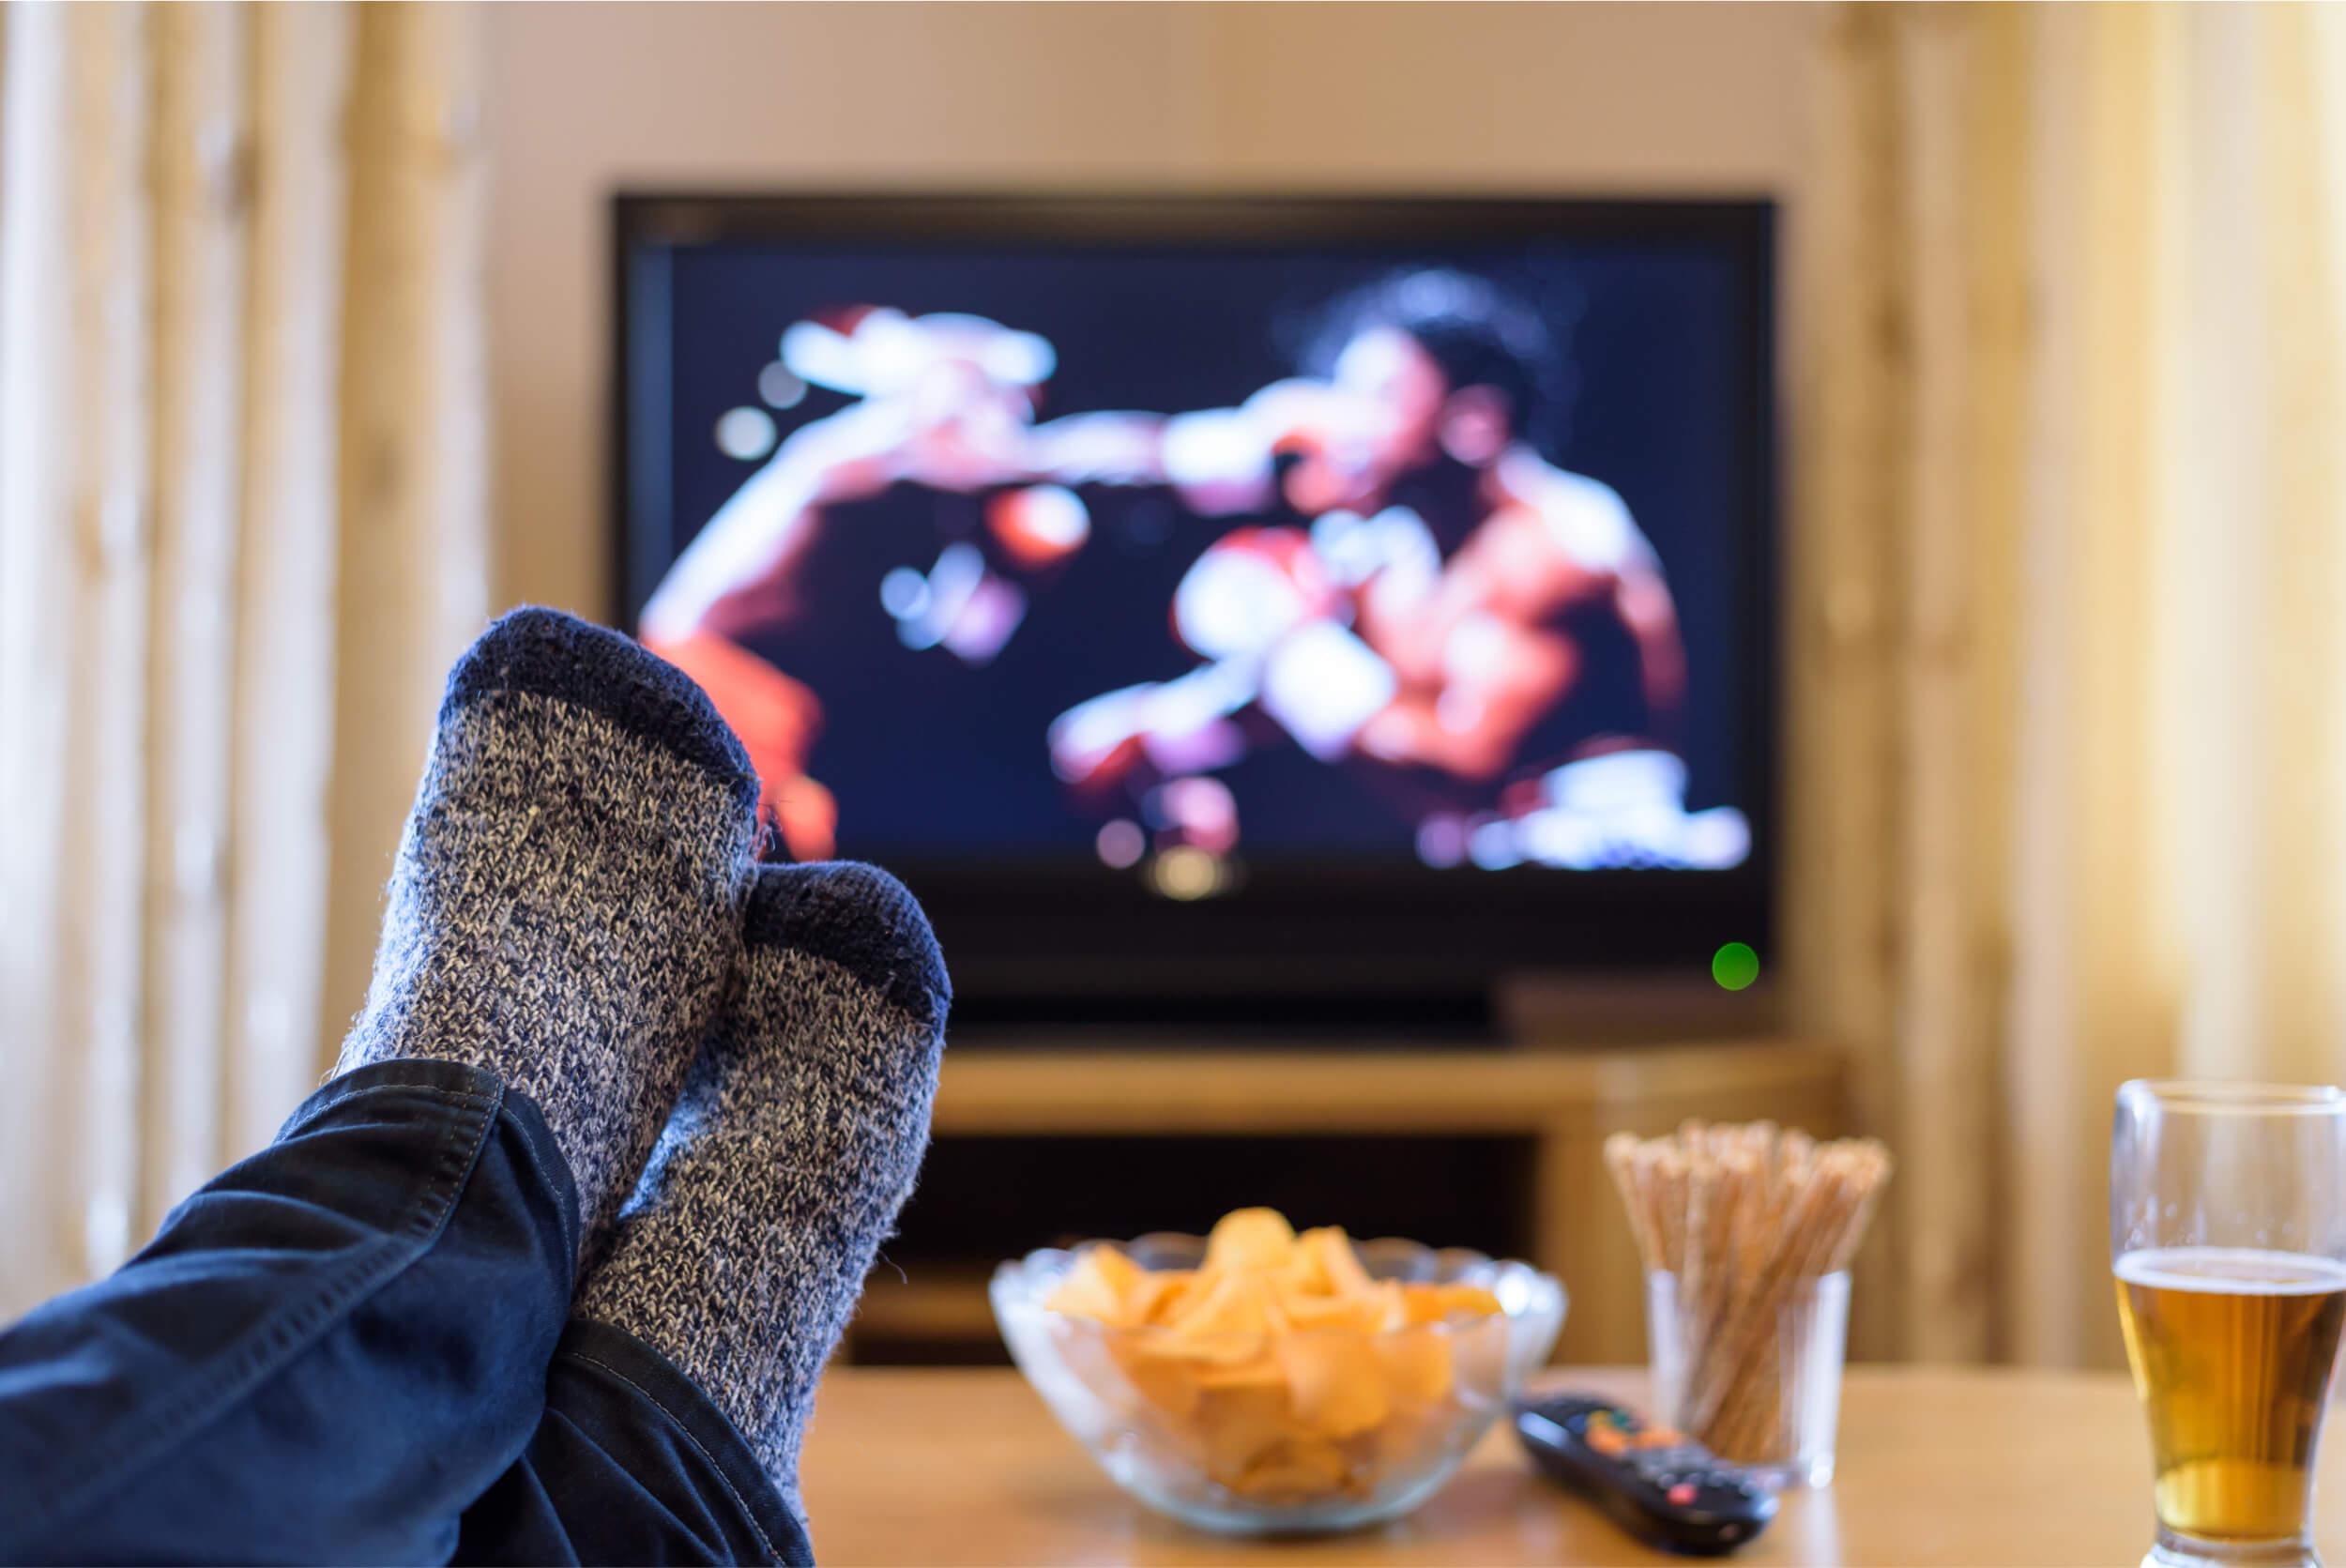 Opciones para ver televisi n gratis lo ltimo del for Sillas para ver television